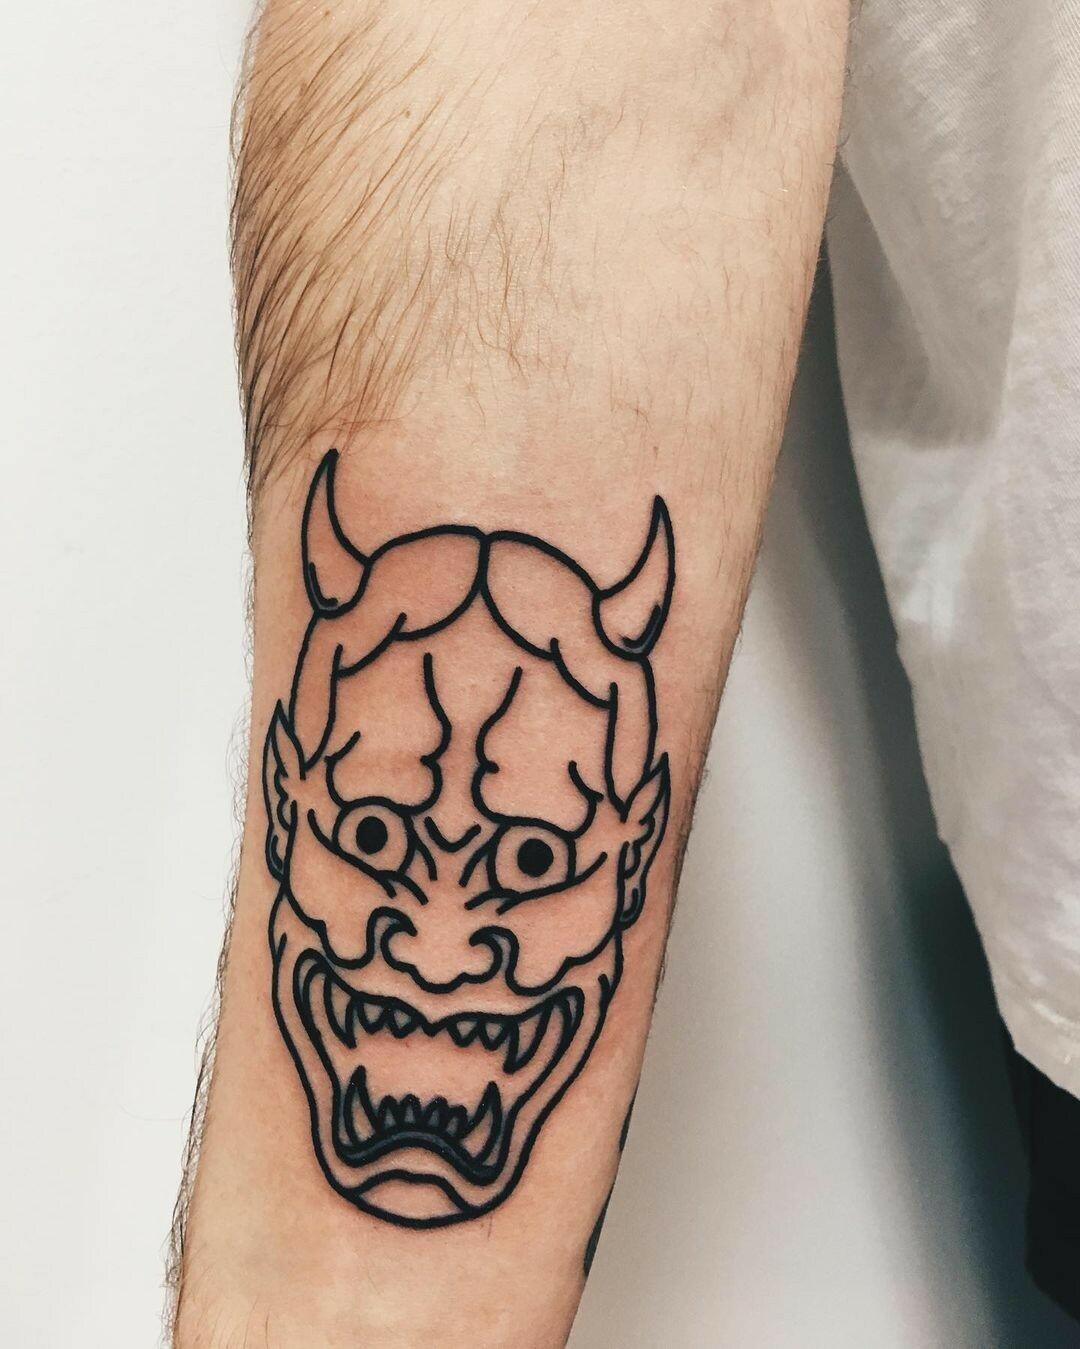 Inksearch tattoo tatuażyk